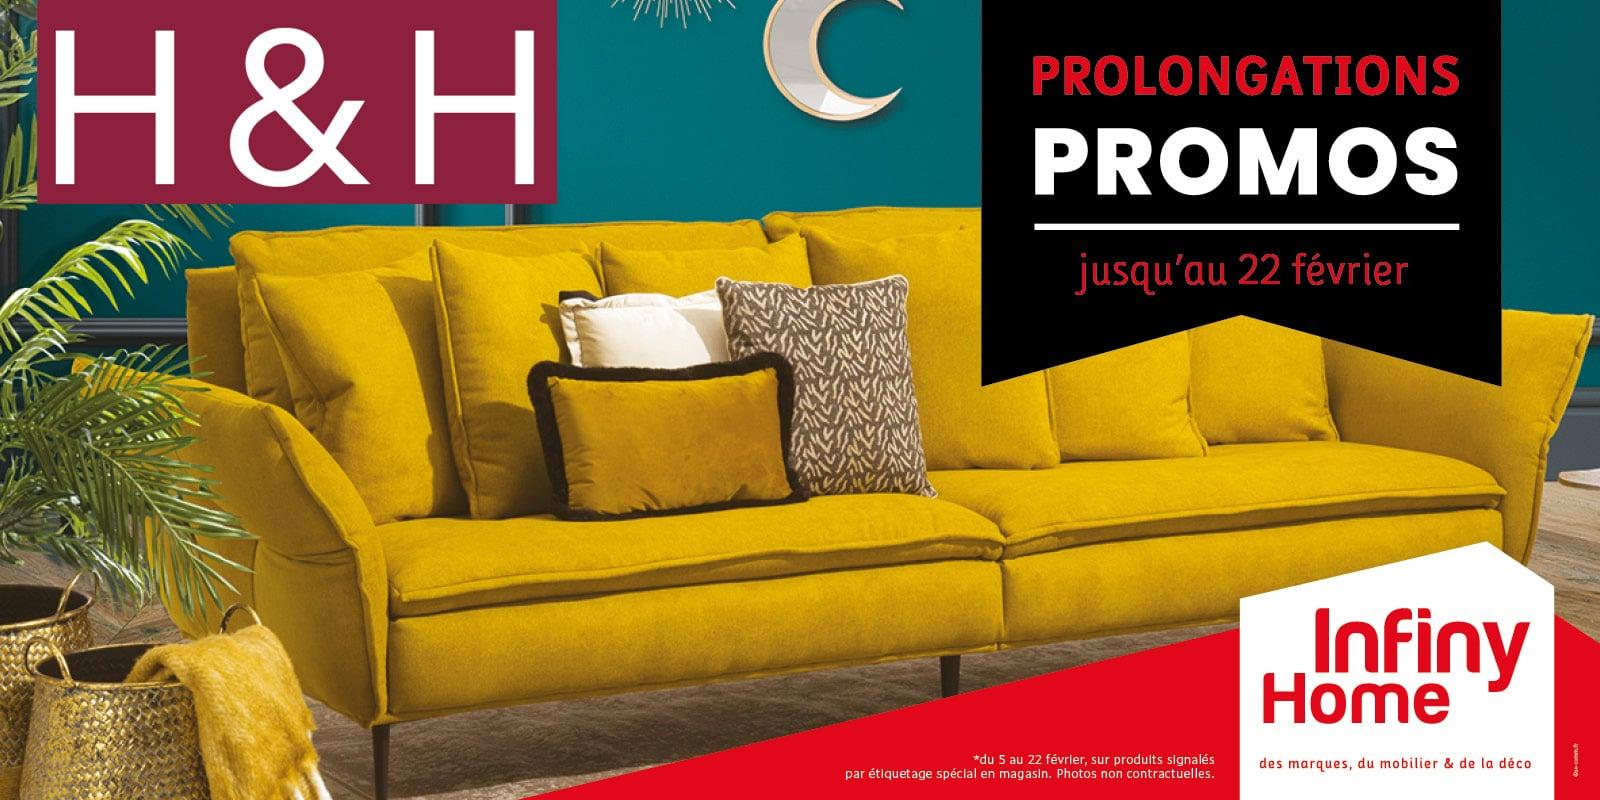 prolongation promos H&H